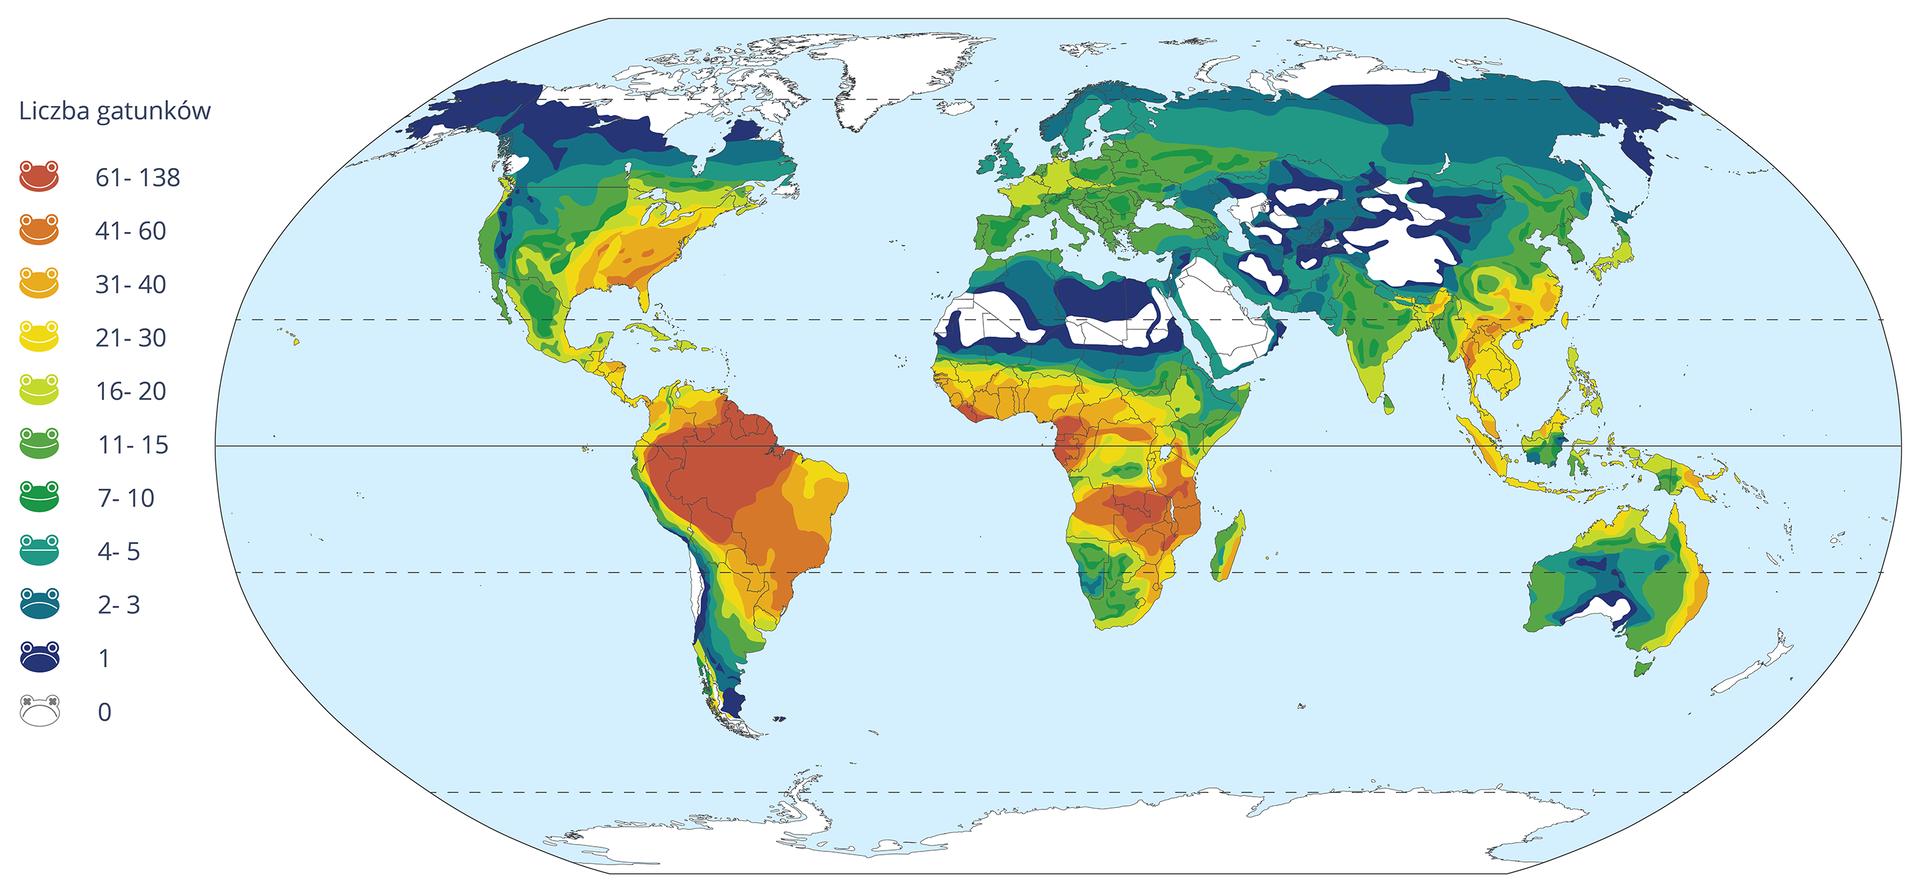 """Ilustracja przedstawia mapę świata. Na sylwetkach kontynentów kolorami oznaczono liczbę gatunków płazów zgodnie zlegendą po lewej stronie. Schematyczne """"buźki"""" płazów mają uśmiech tym większy, im więcej gatunków symbolizują. Od góry barwy symboli wskazują liczebność gatunków: od czerwonej (najwięcej) przez pomarańczową iżółtą, zielone, niebieskie, granatową do białej (brak płazów)."""